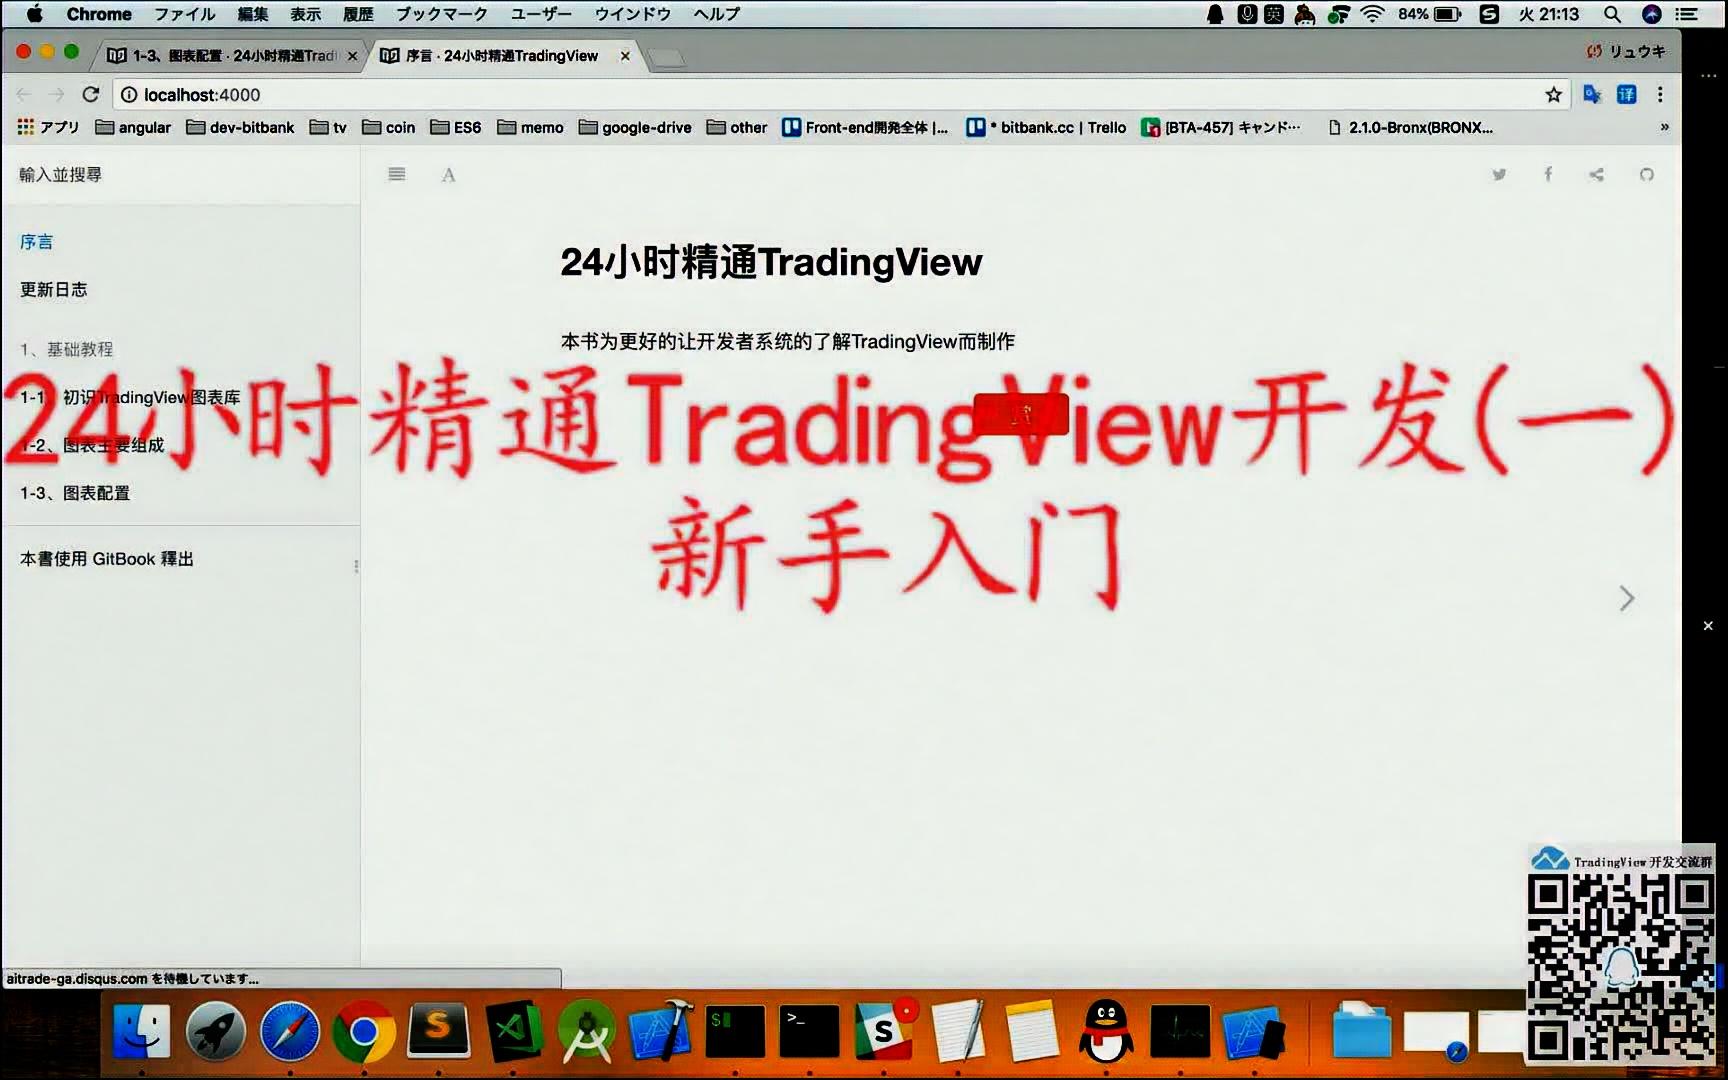 24小时精通TradingView开发(一) 新手入门_哔哩哔哩(゜-゜)つロ干杯~-bilibili